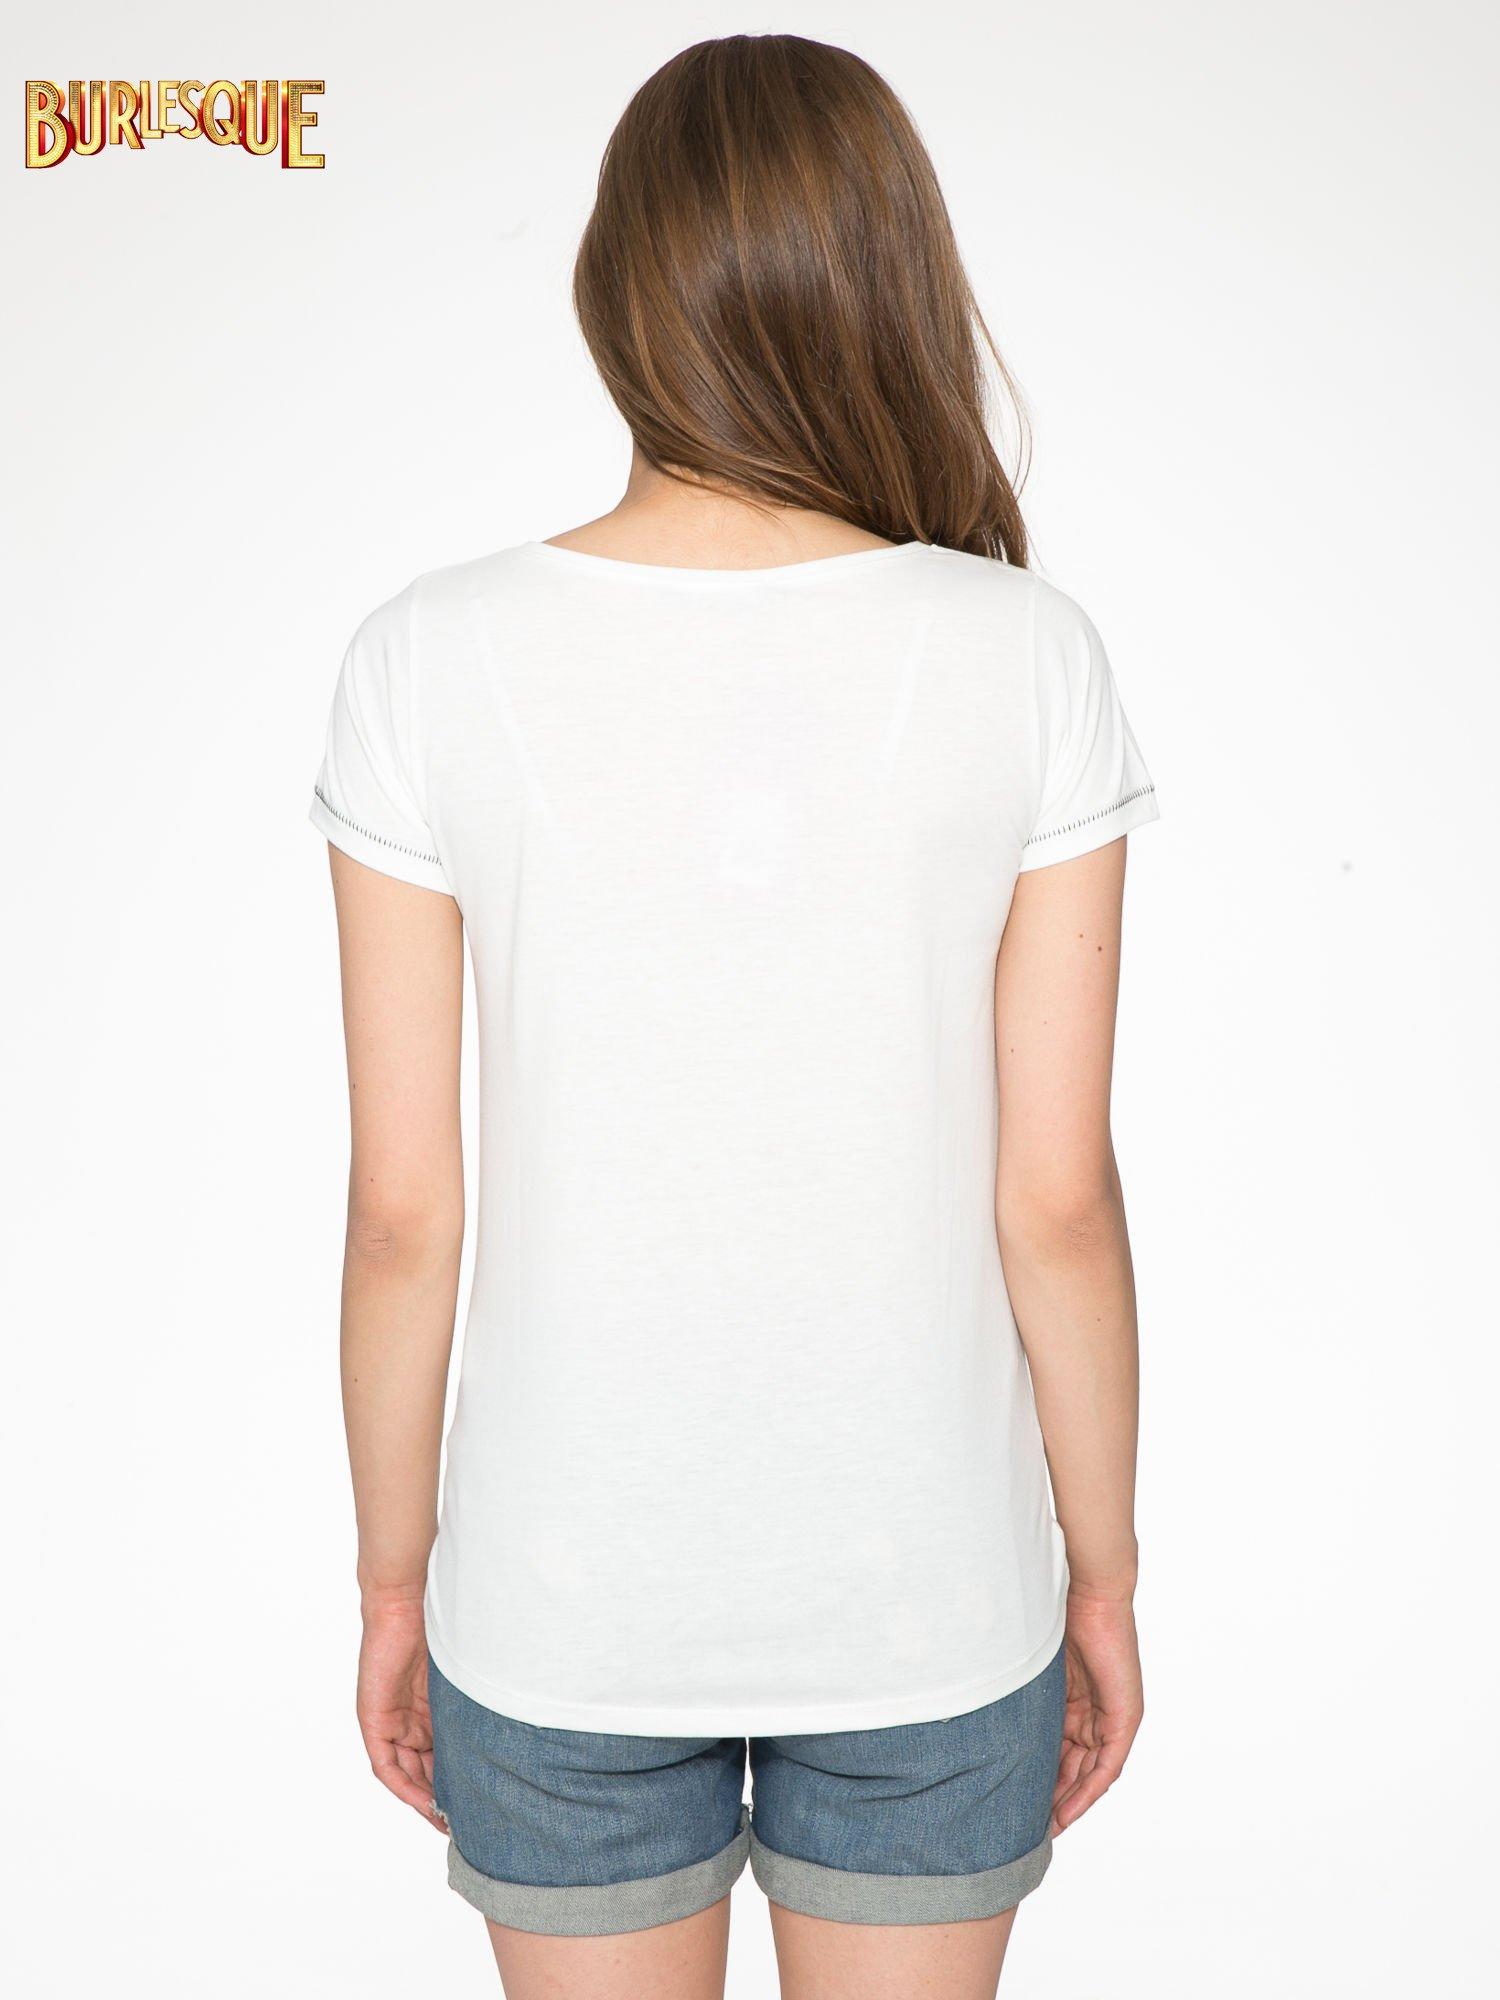 Ecru t-shirt z nadrukiem wieży Eiffla                                  zdj.                                  4